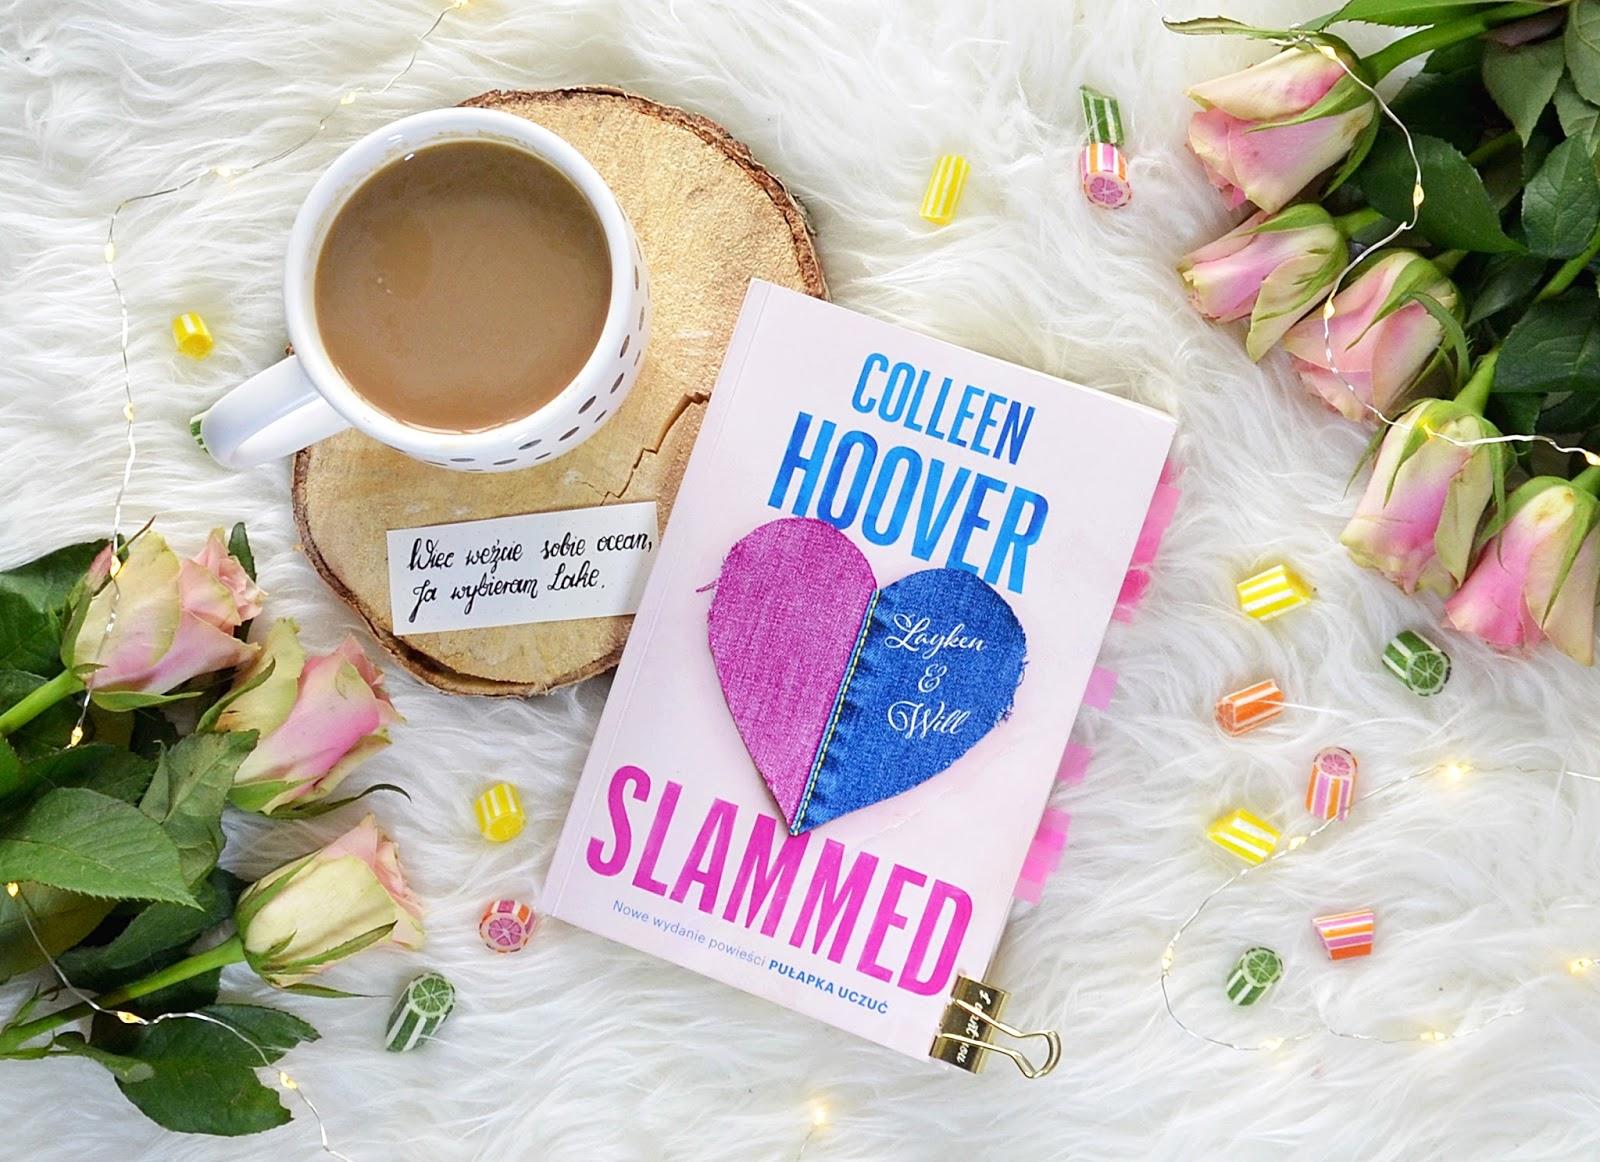 SLAMMED-COLLEEN HOOVER